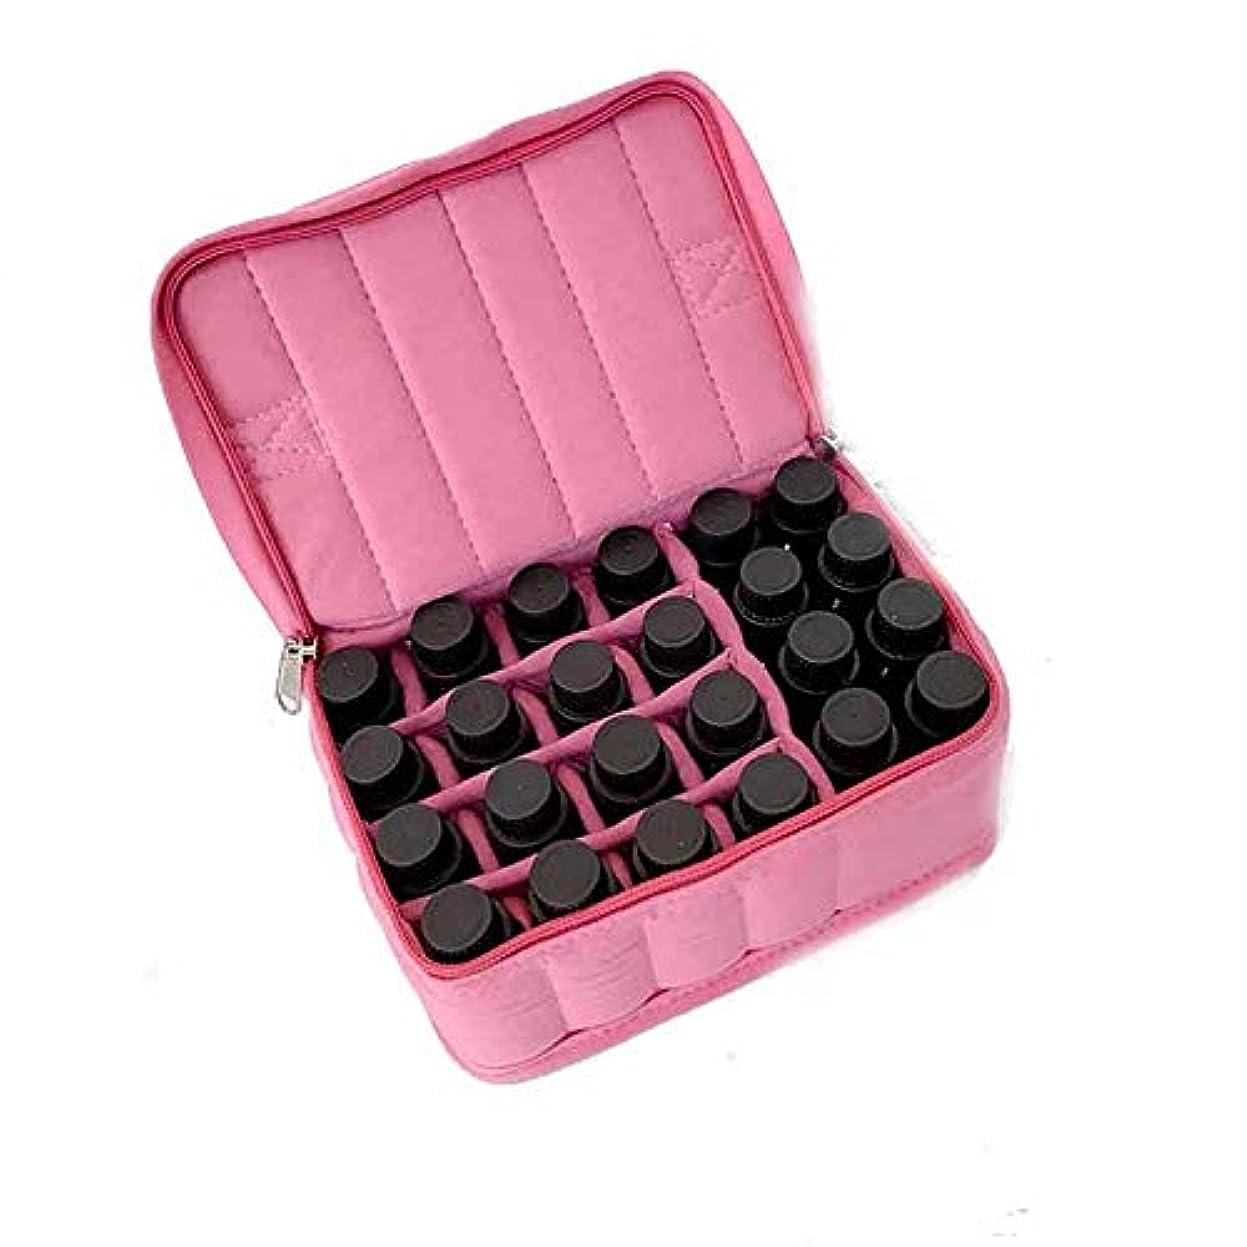 生活軽くレザーアロマセラピー収納ボックス アロマオイルスーツケースハードシェル旅行やストレージ外部ストレージ統合袋の17本のボトル エッセンシャルオイル収納ボックス (色 : ピンク, サイズ : 18X13.5X8.5CM)